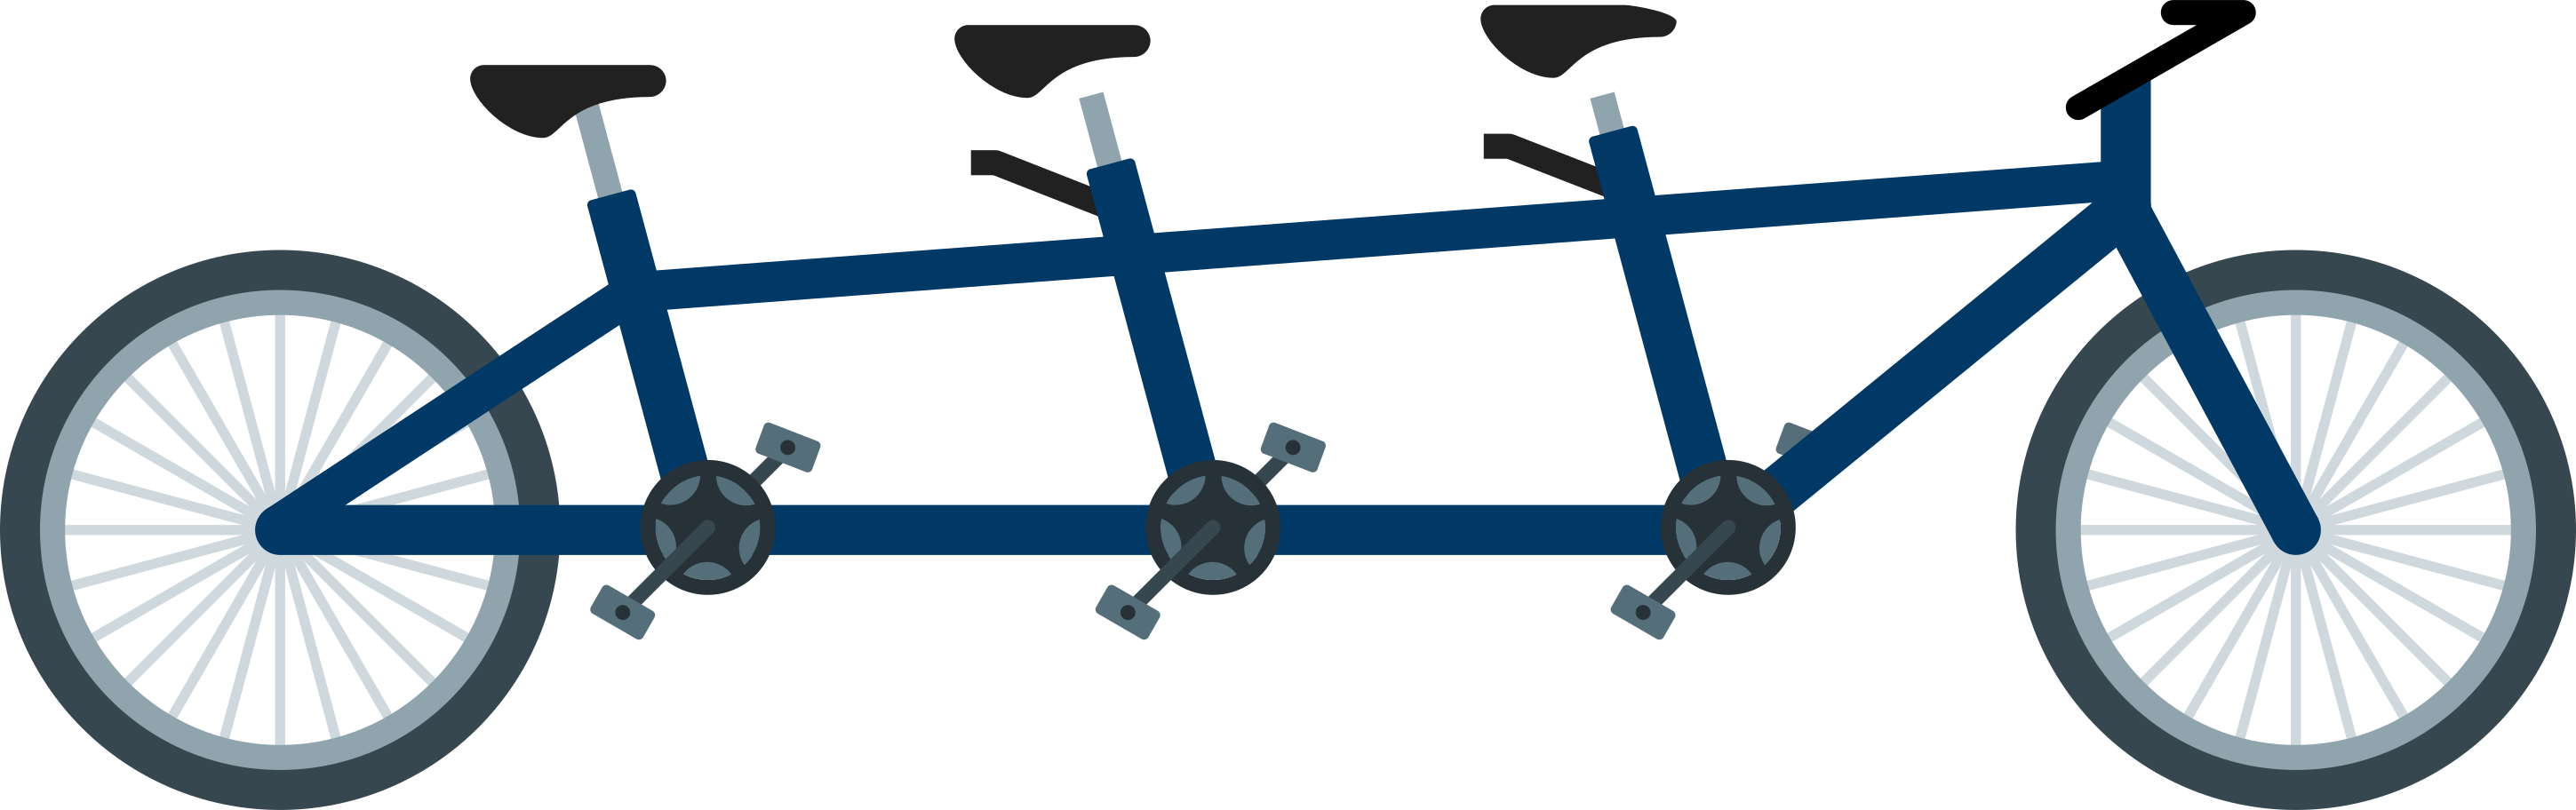 tandem bike Clipart illustration in PNG, SVG